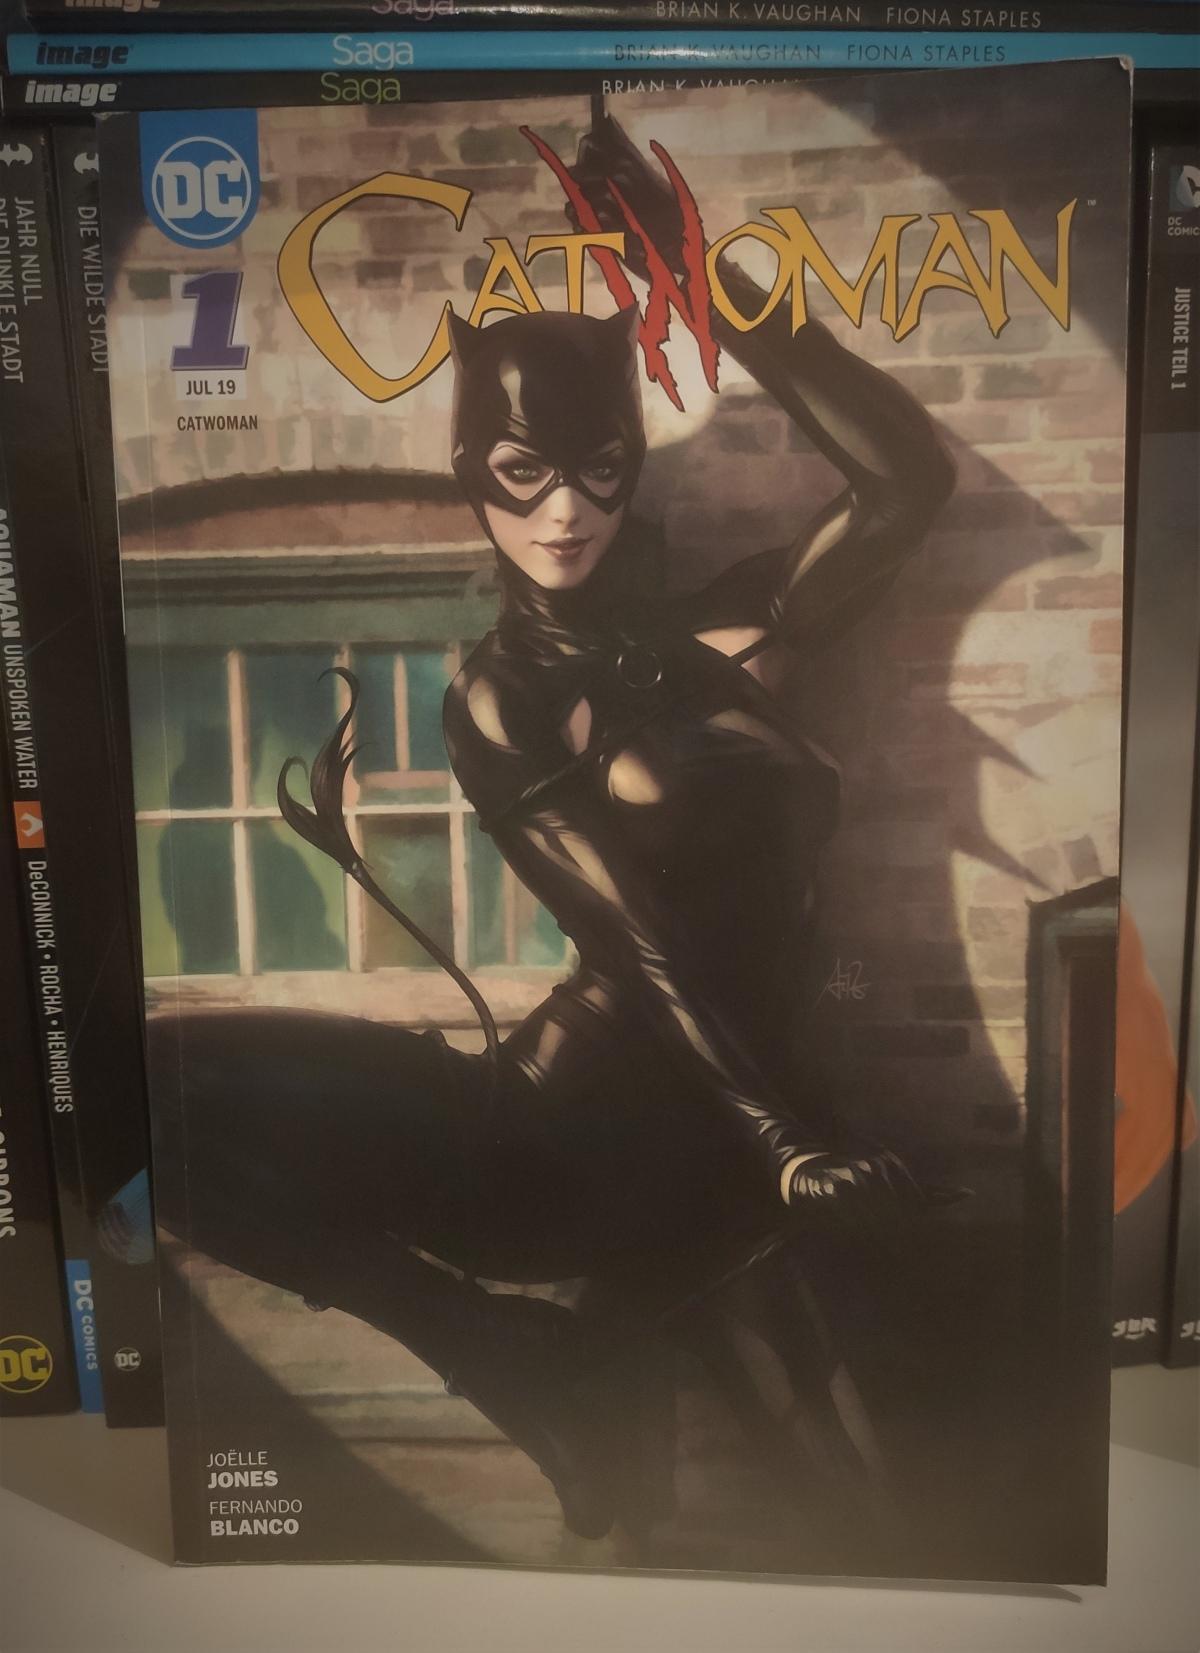 Nerd.Ics liest … Catwoman BD 1: Copycats |Review